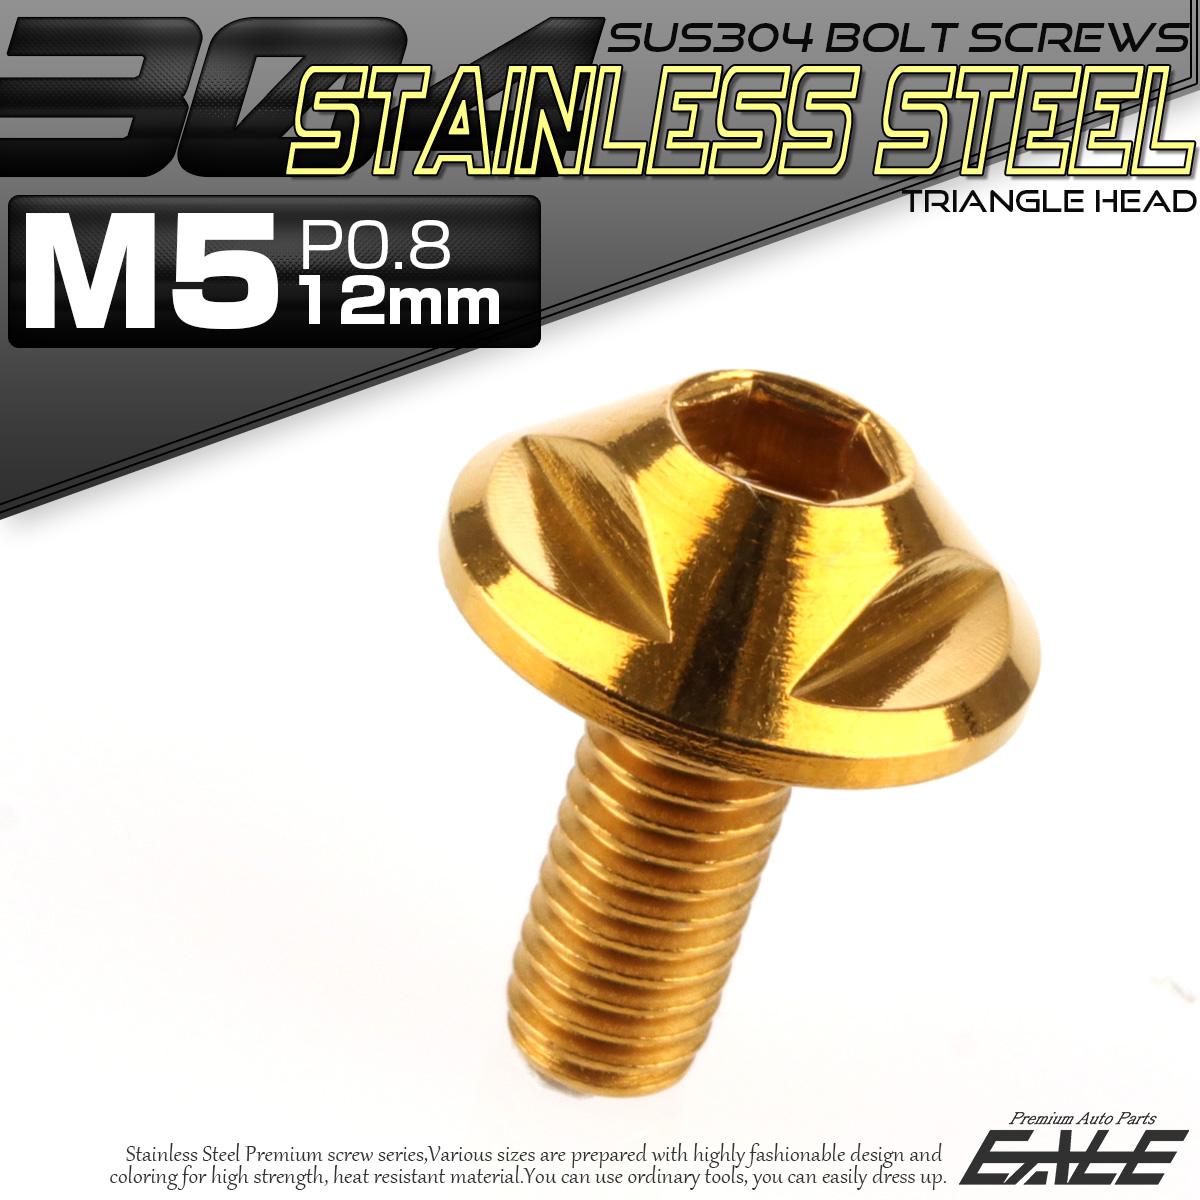 SUS304 フランジ付 ボタンボルト M5×12mm P0.8 六角穴  ゴールド トライアングルヘッド ステンレス製  TR0144